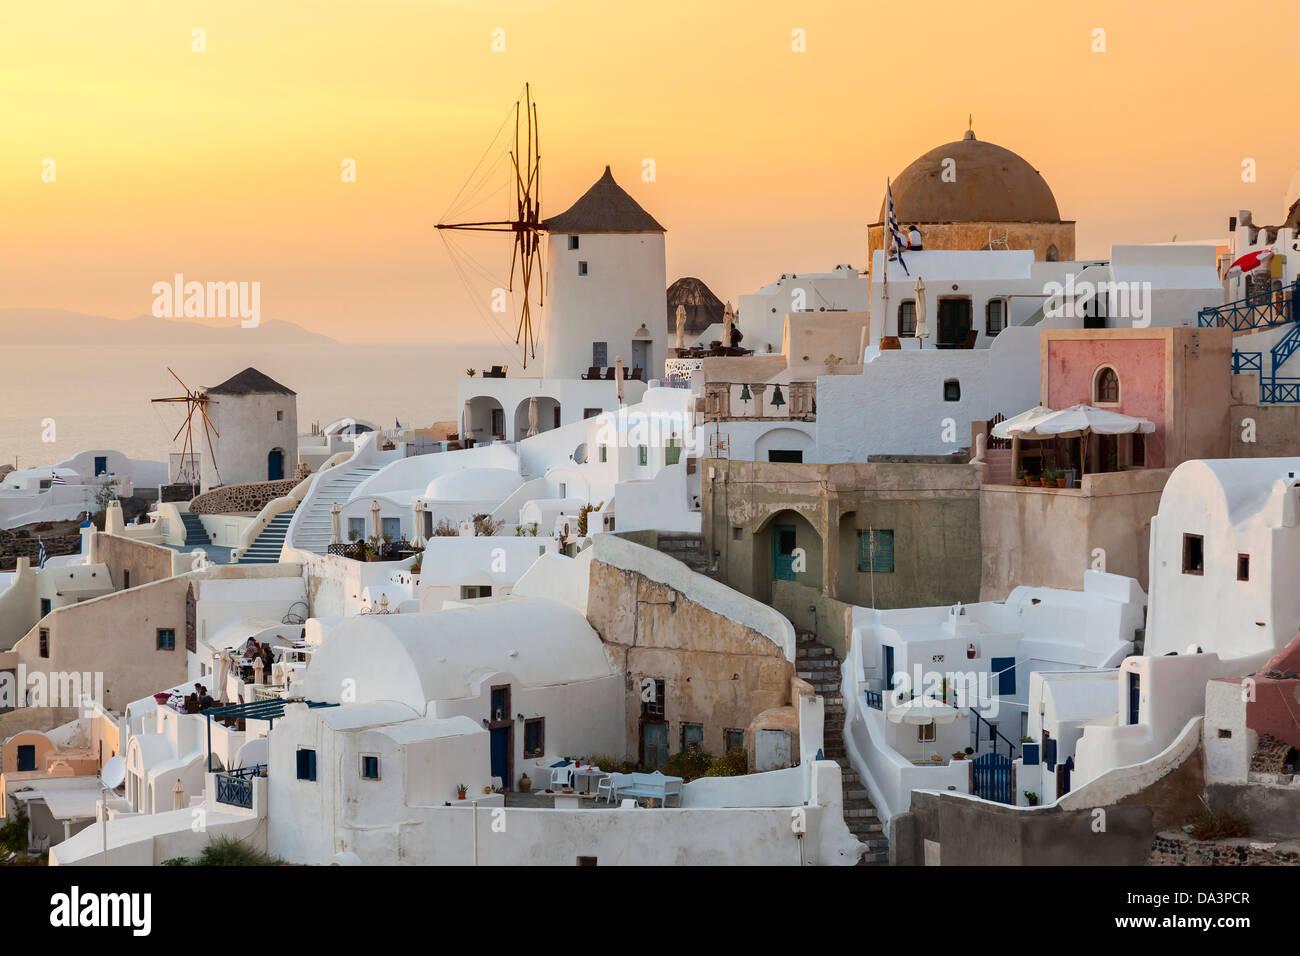 La vibrante Sunset over case e ville a Oia Santorini Grecia Immagini Stock